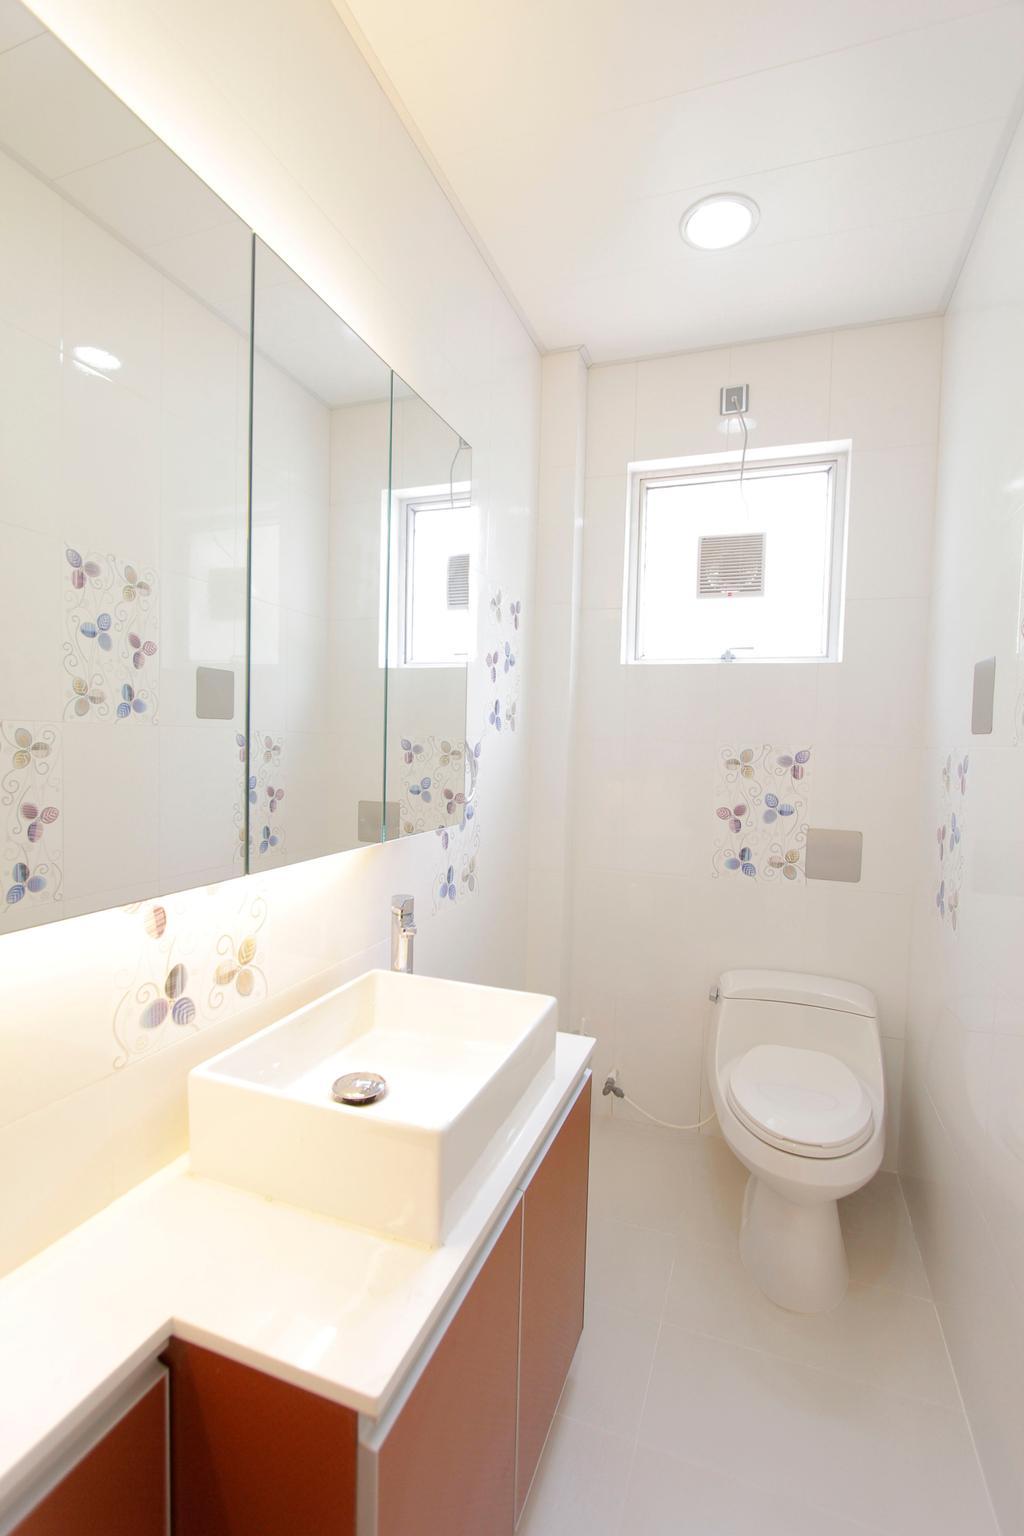 摩登, 獨立屋, 浴室, 加州花園, 室內設計師, 和生設計, Toilet, Sink, Indoors, Interior Design, Room